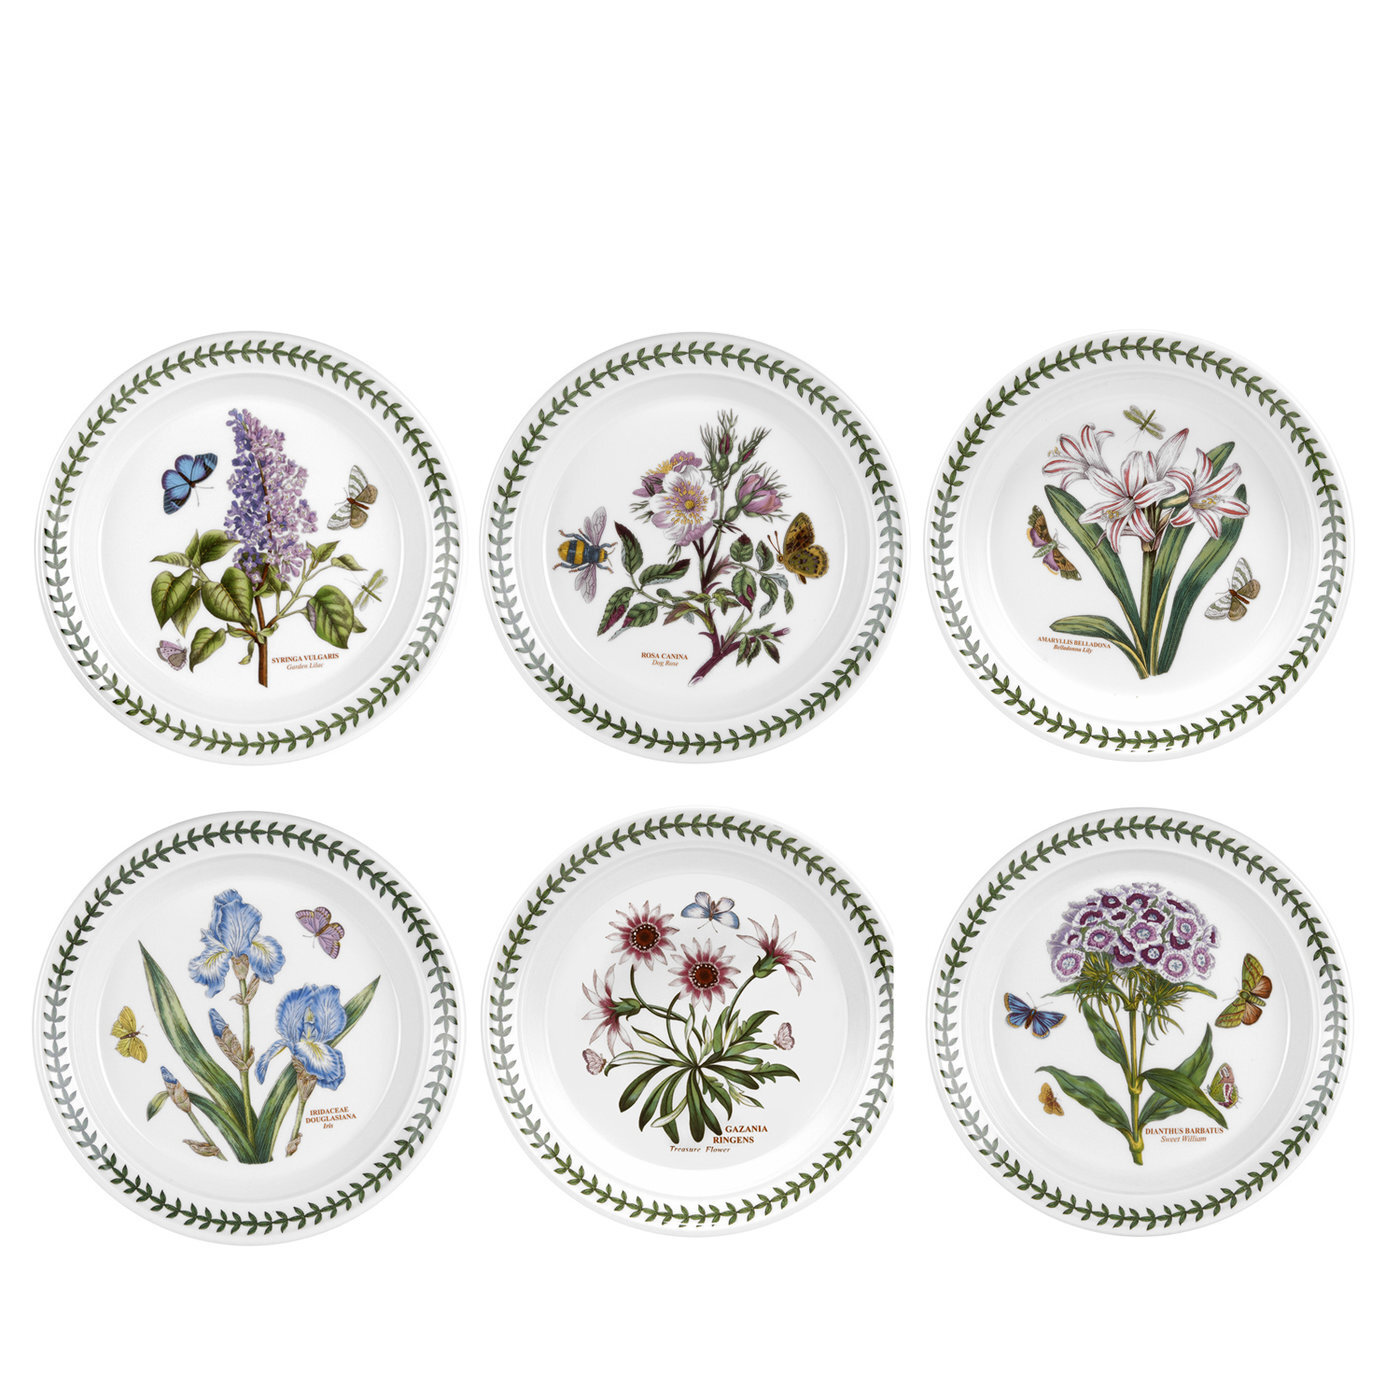 Plates Saucers From 30 Through 09 07 Wayfair